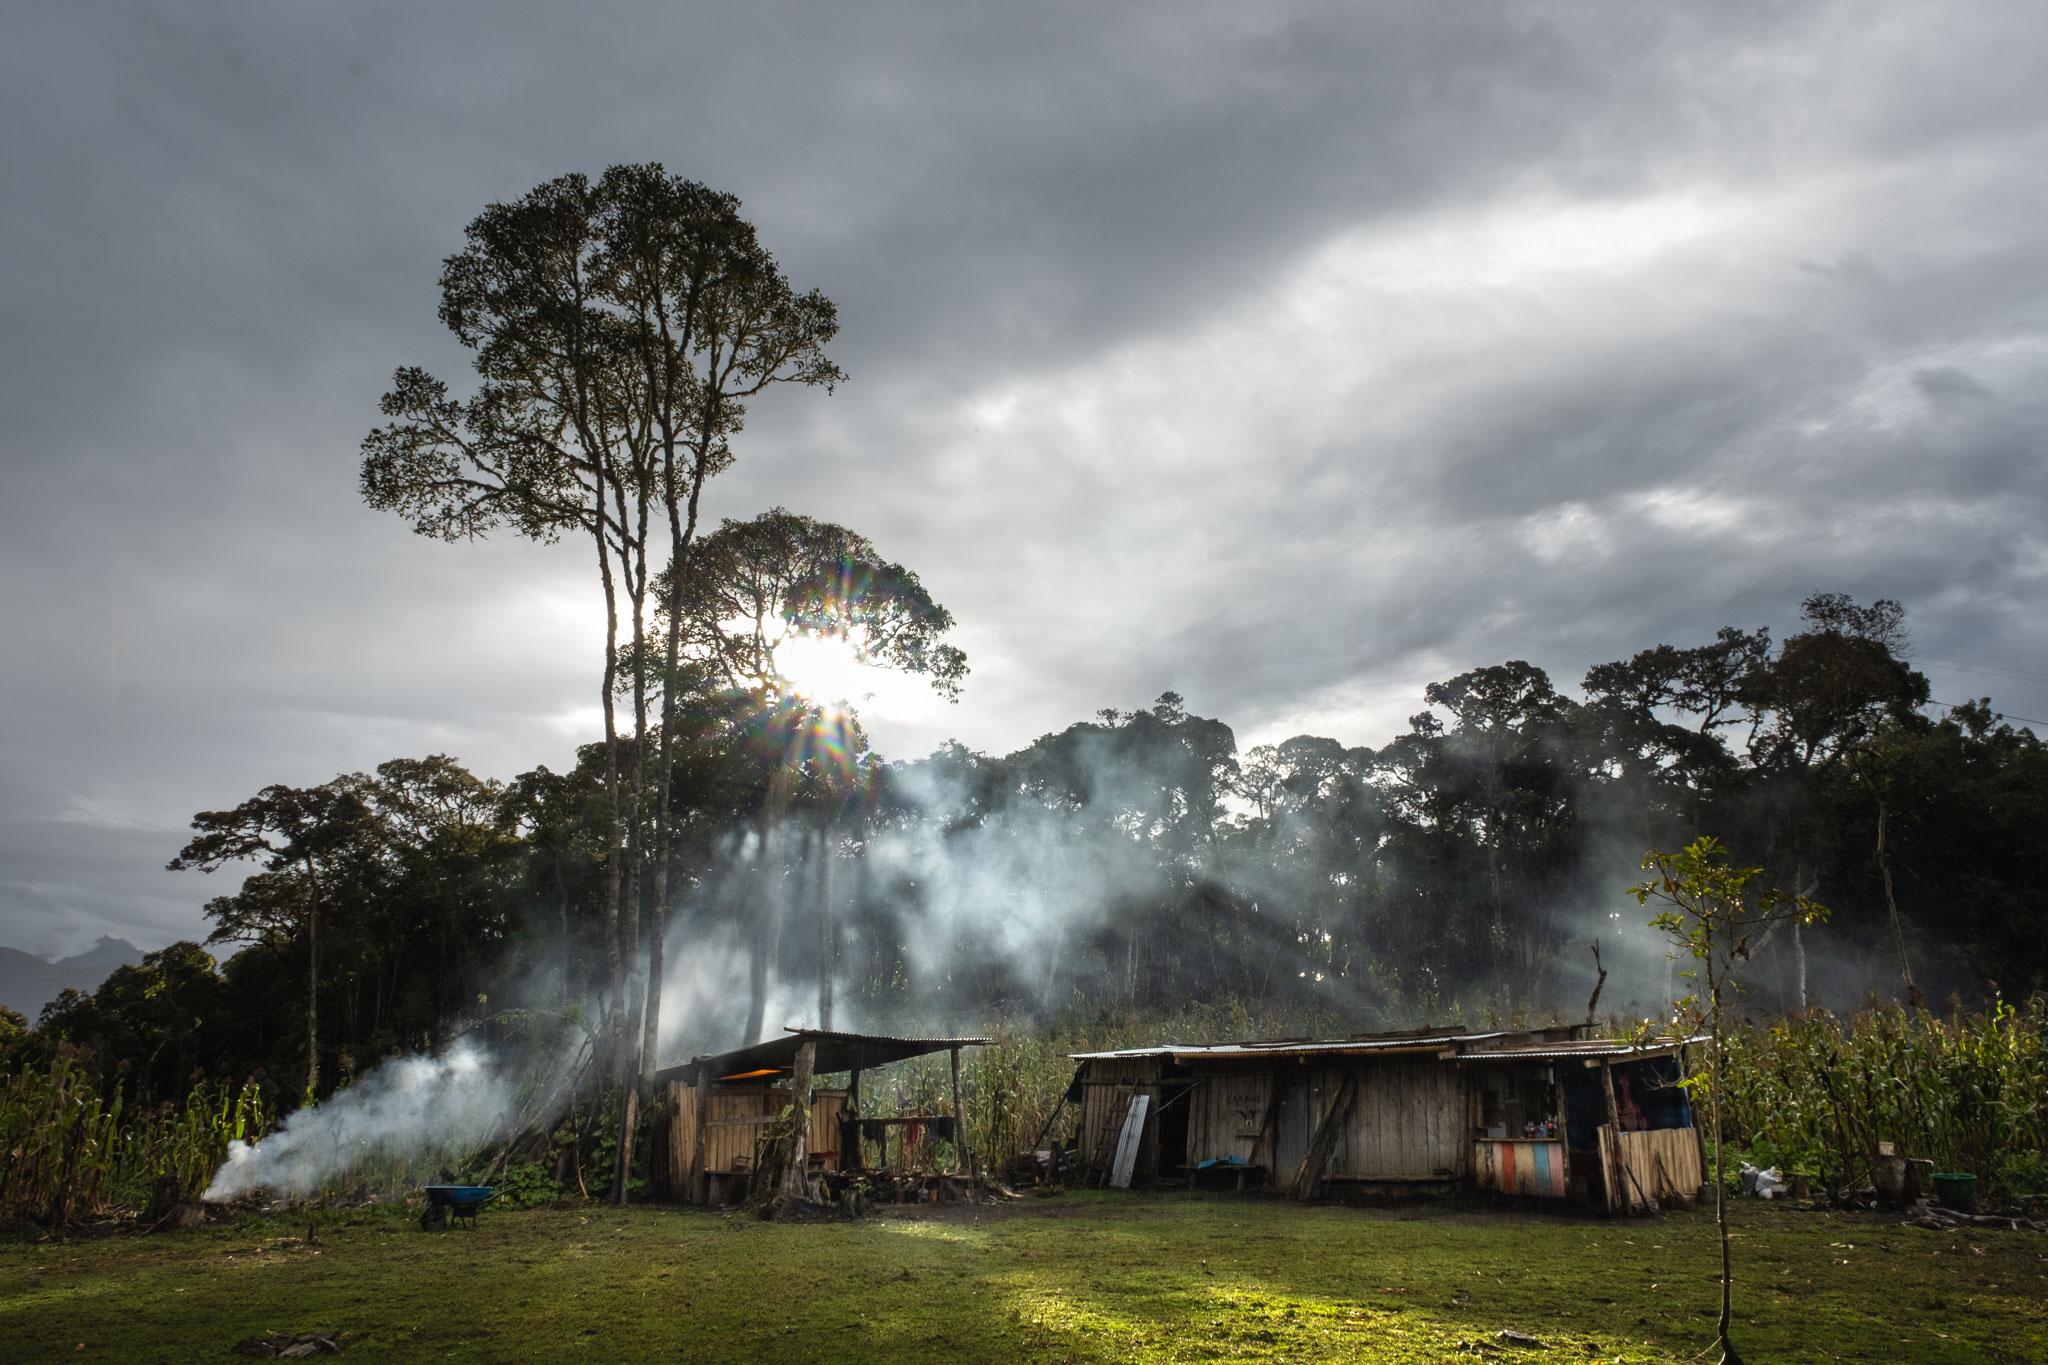 camping-llaqtapata-machu-picchu-peru